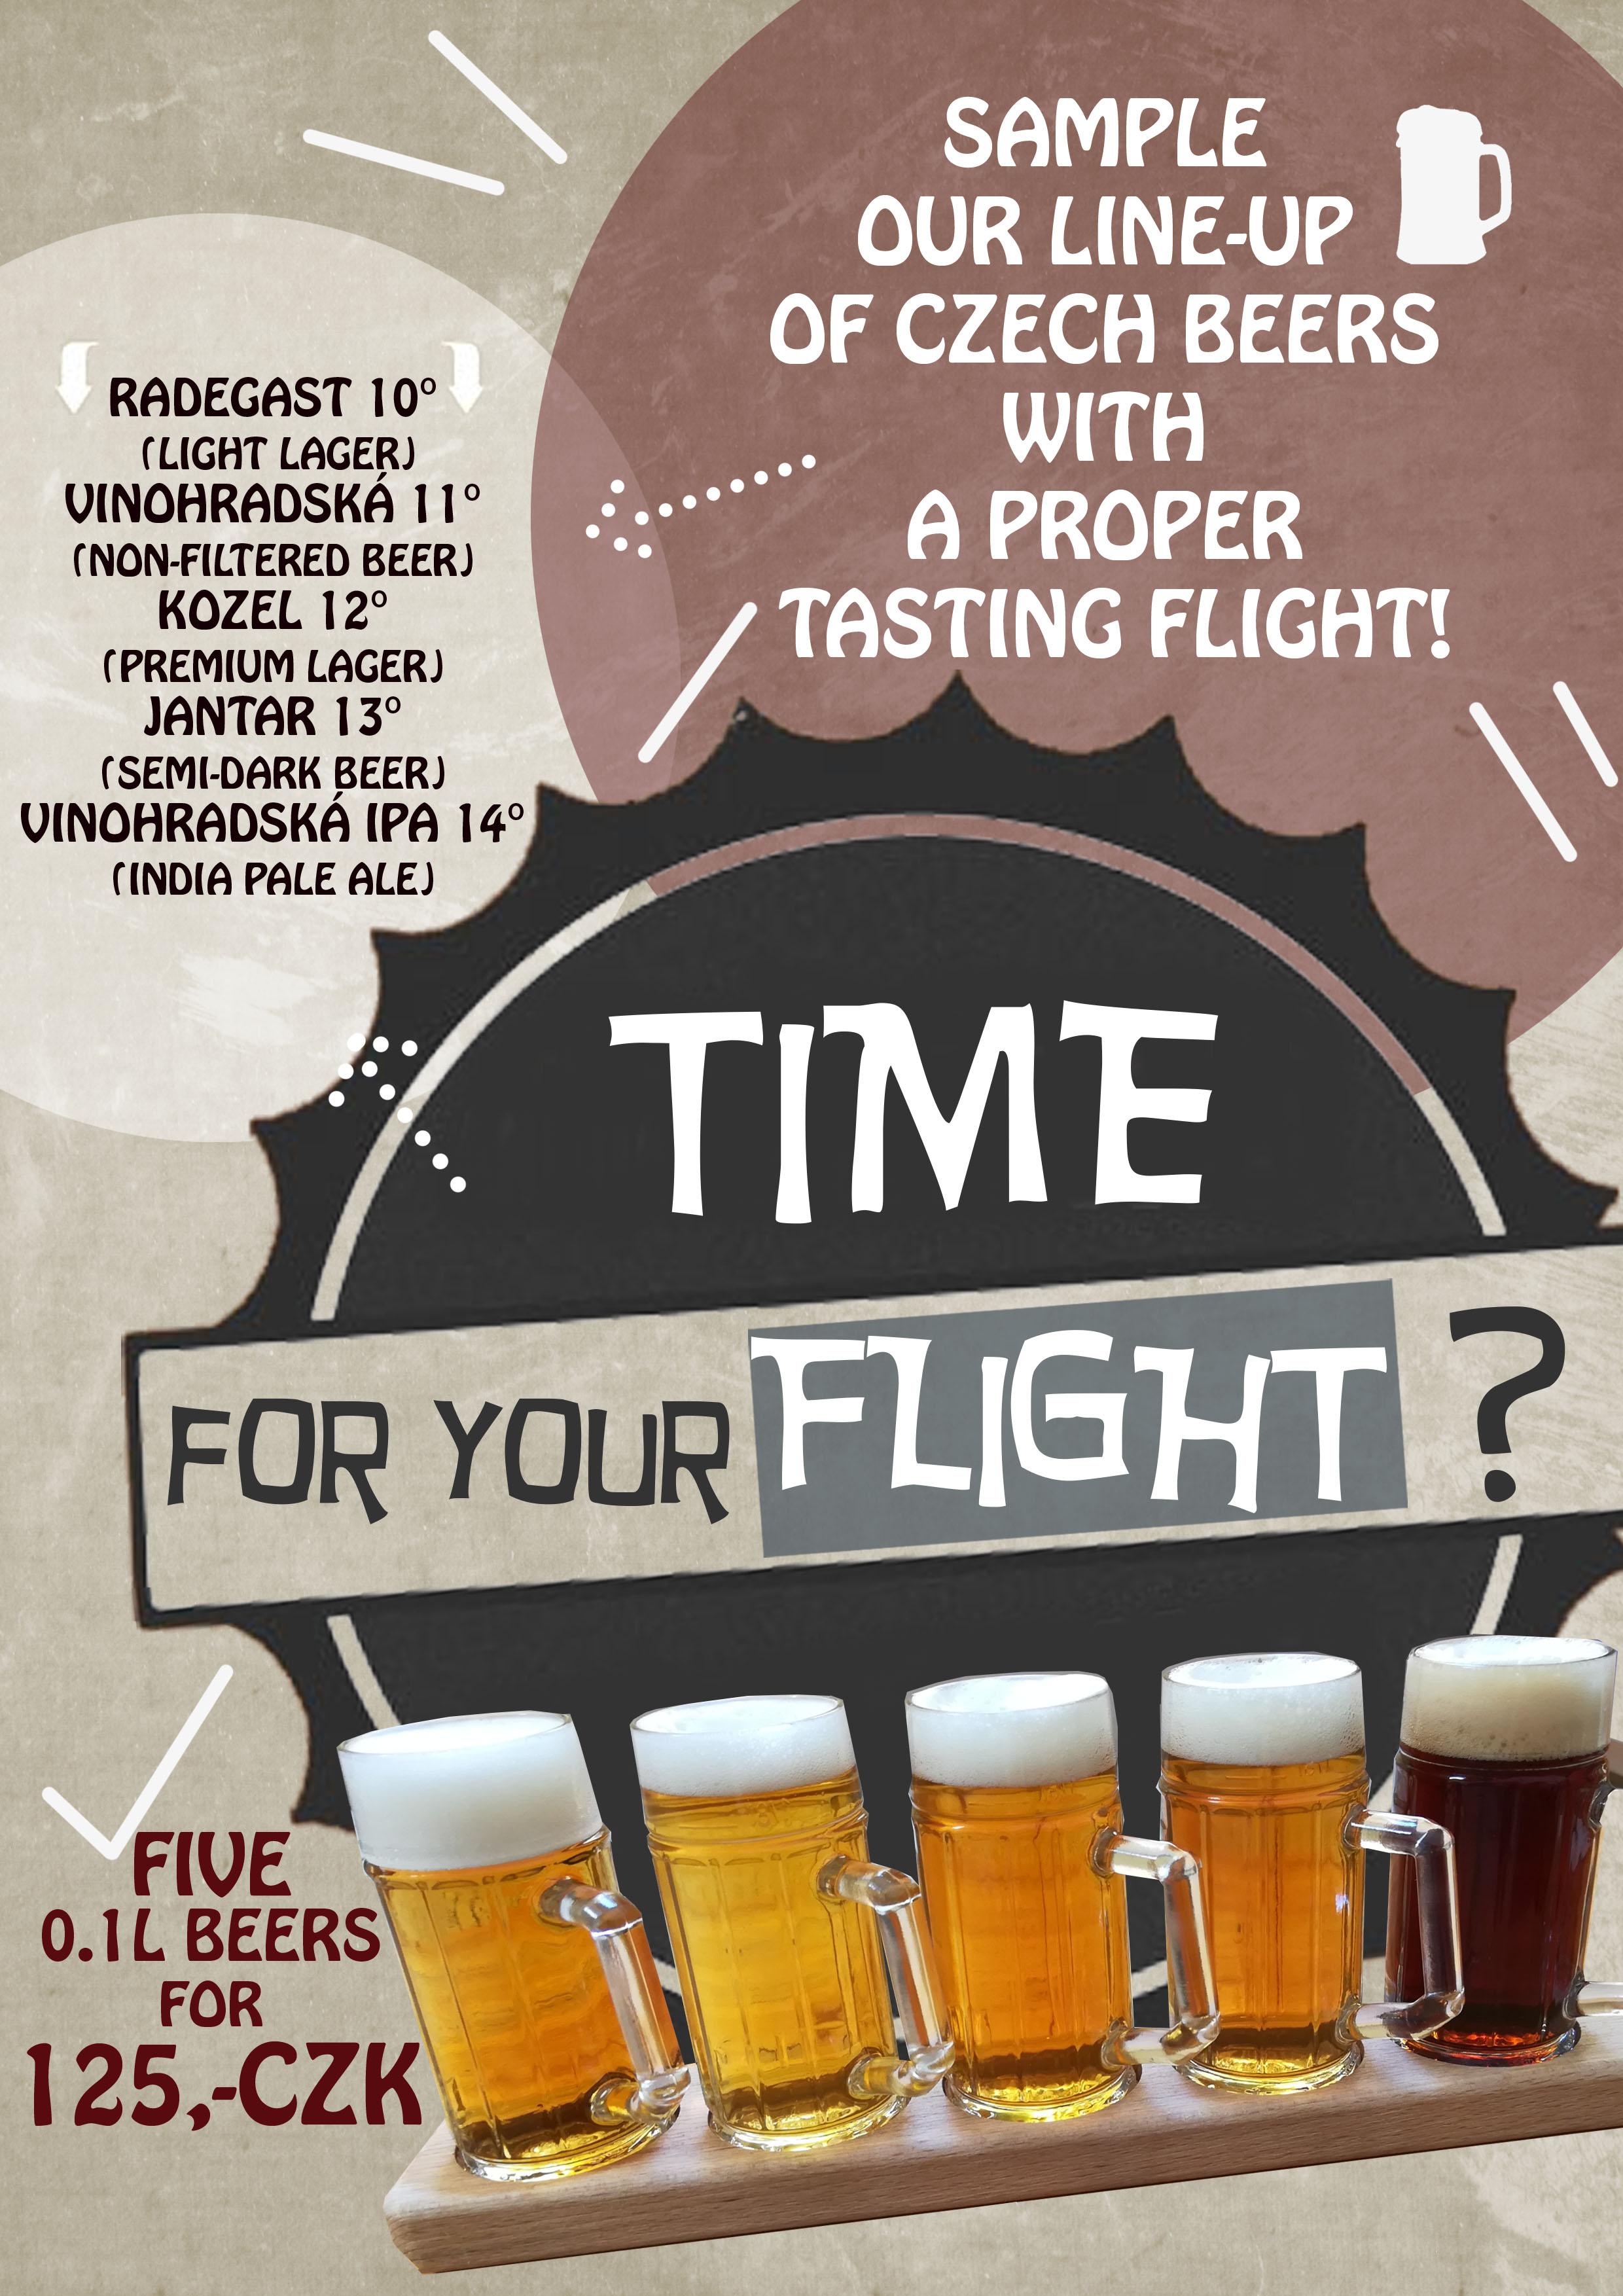 beer-sampler-2019